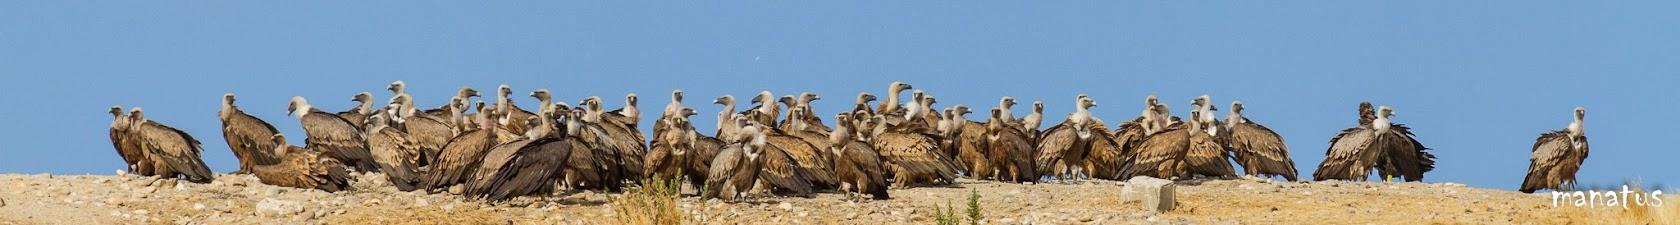 manatus grupo de buitres posados